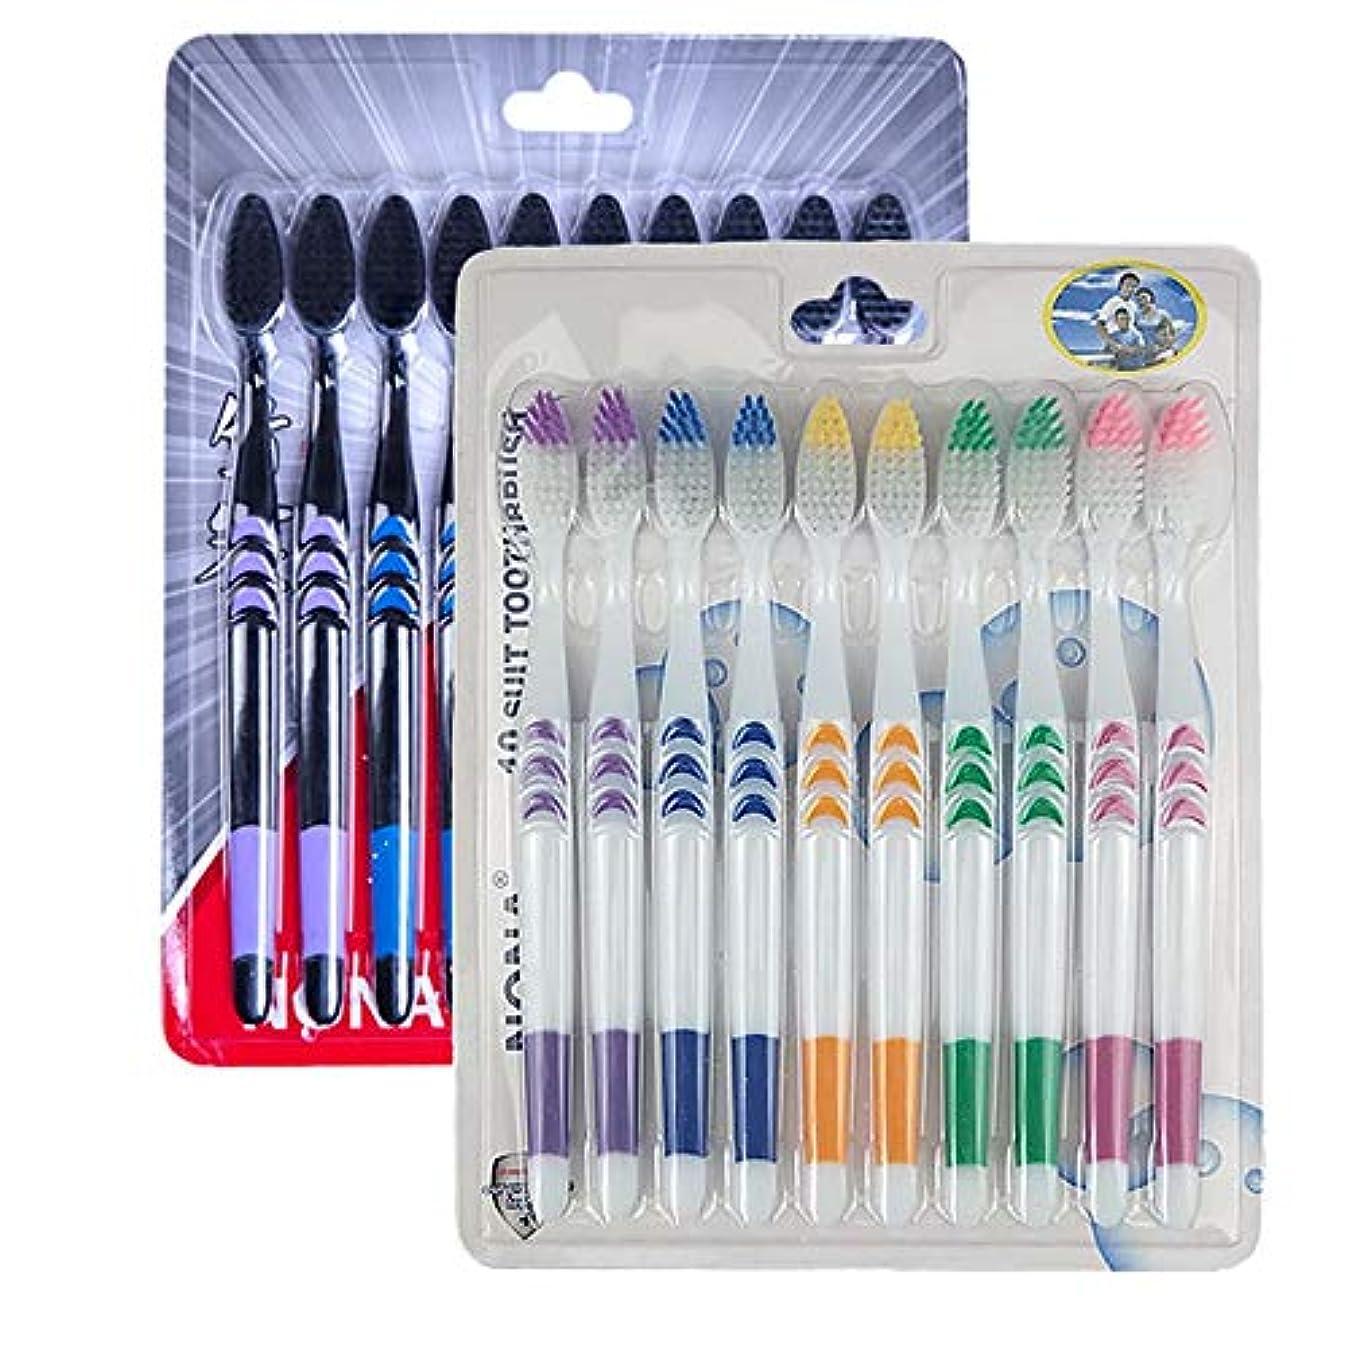 摩擦魔法主要な歯ブラシ 20パック歯ブラシ、竹炭歯ブラシ、大人歯ブラシ、歯茎をマッサージ - 使用可能なスタイルの3種類 KHL (色 : C, サイズ : 20 packs)